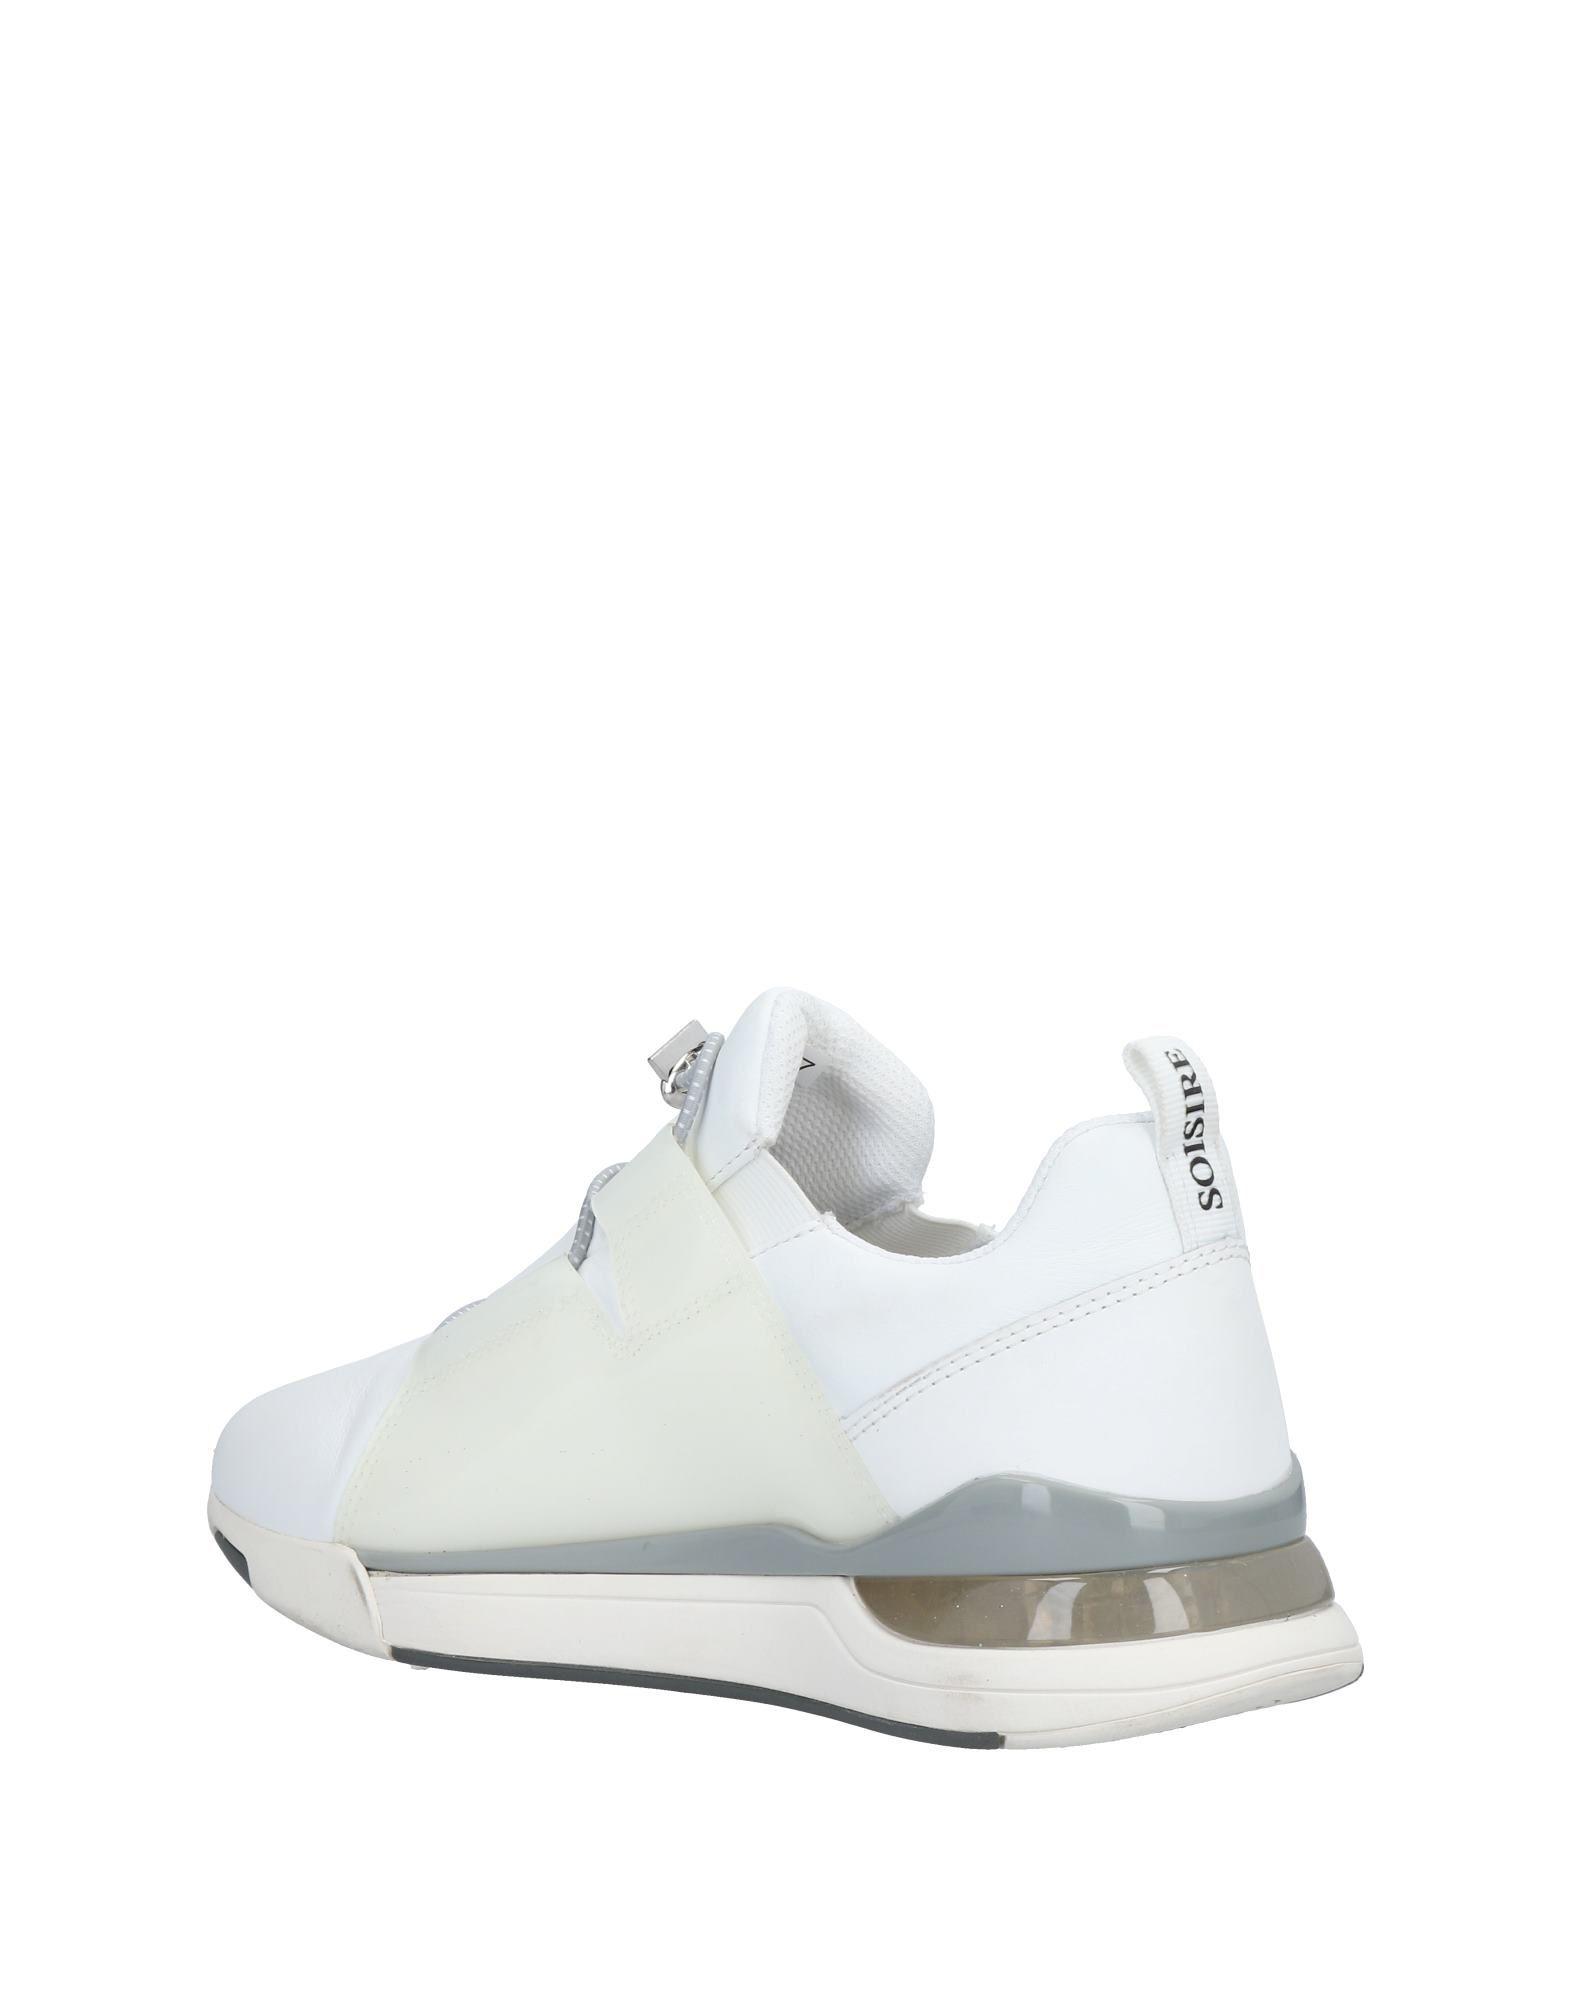 Soisire Soiebleu Sneakers Damen 11480777DW  11480777DW Damen  325634